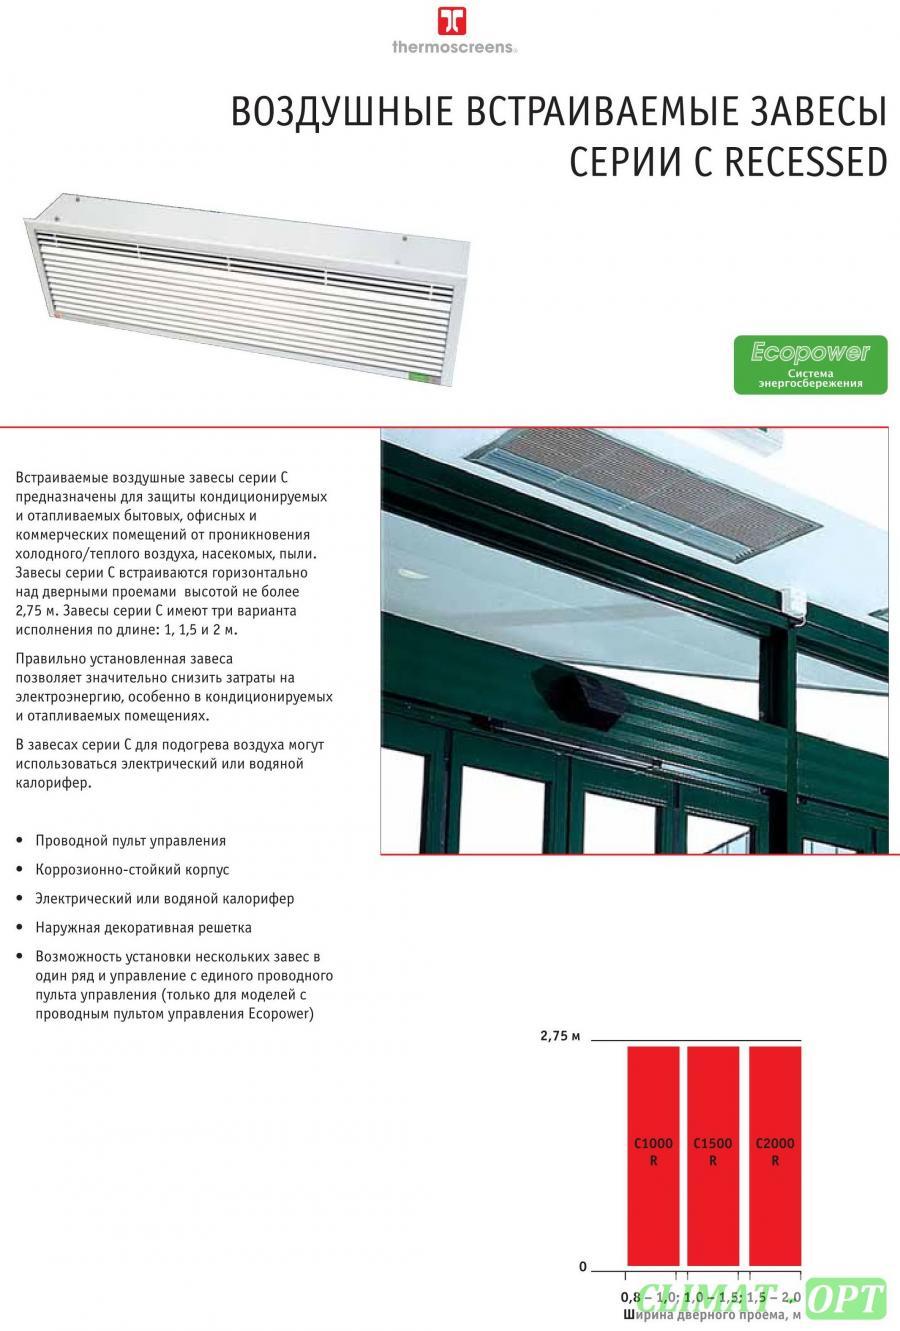 Тепловая завеса серия C W R с водяным подогревом монтажная высота максимум 2.75m